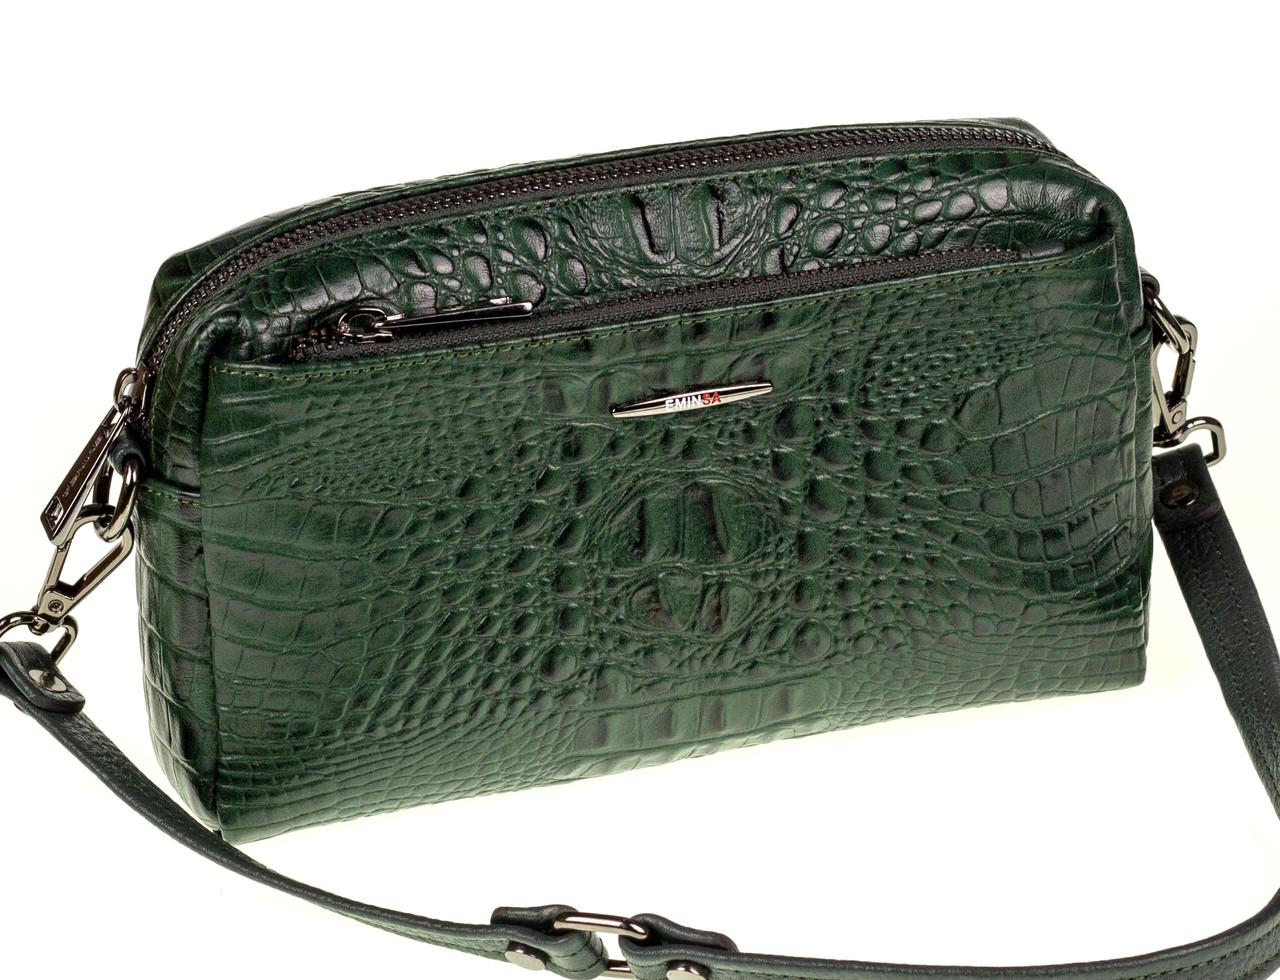 Женская сумка кожаная кросс-боди Eminsa 40125-4 зеленая